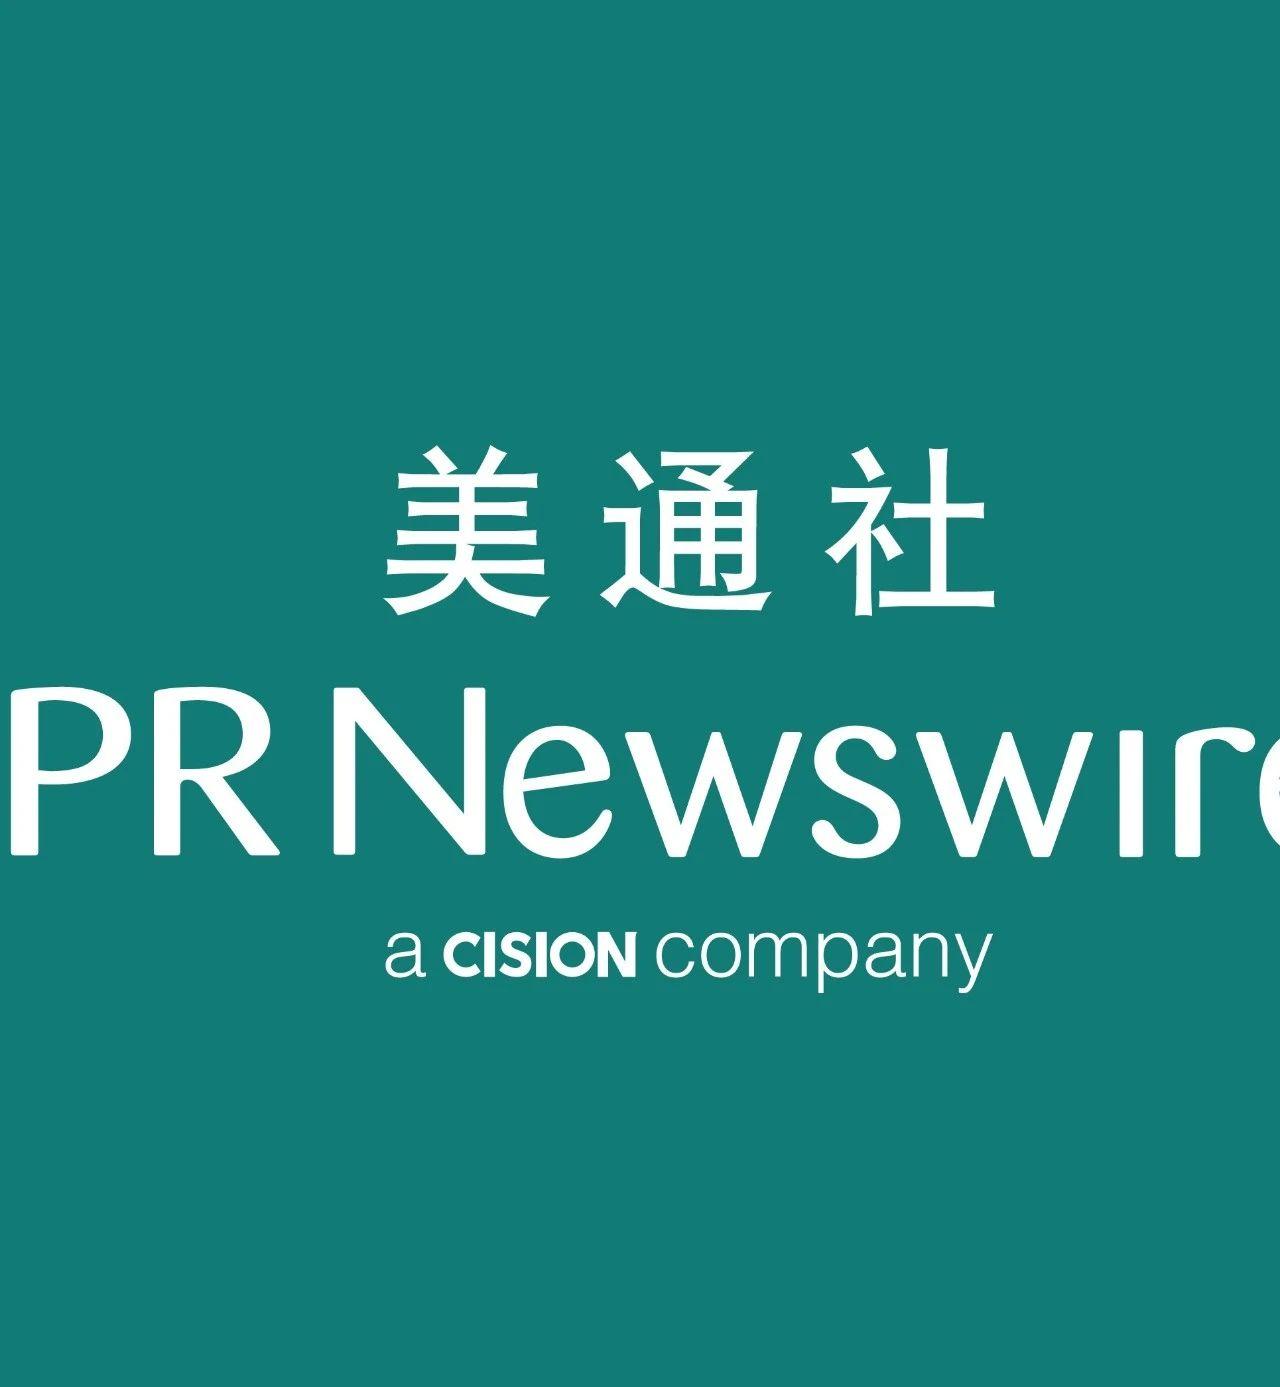 安德玛中国知识产权案再次胜诉;和铂医药完成超1亿美元C轮融资 | 美通企业日报